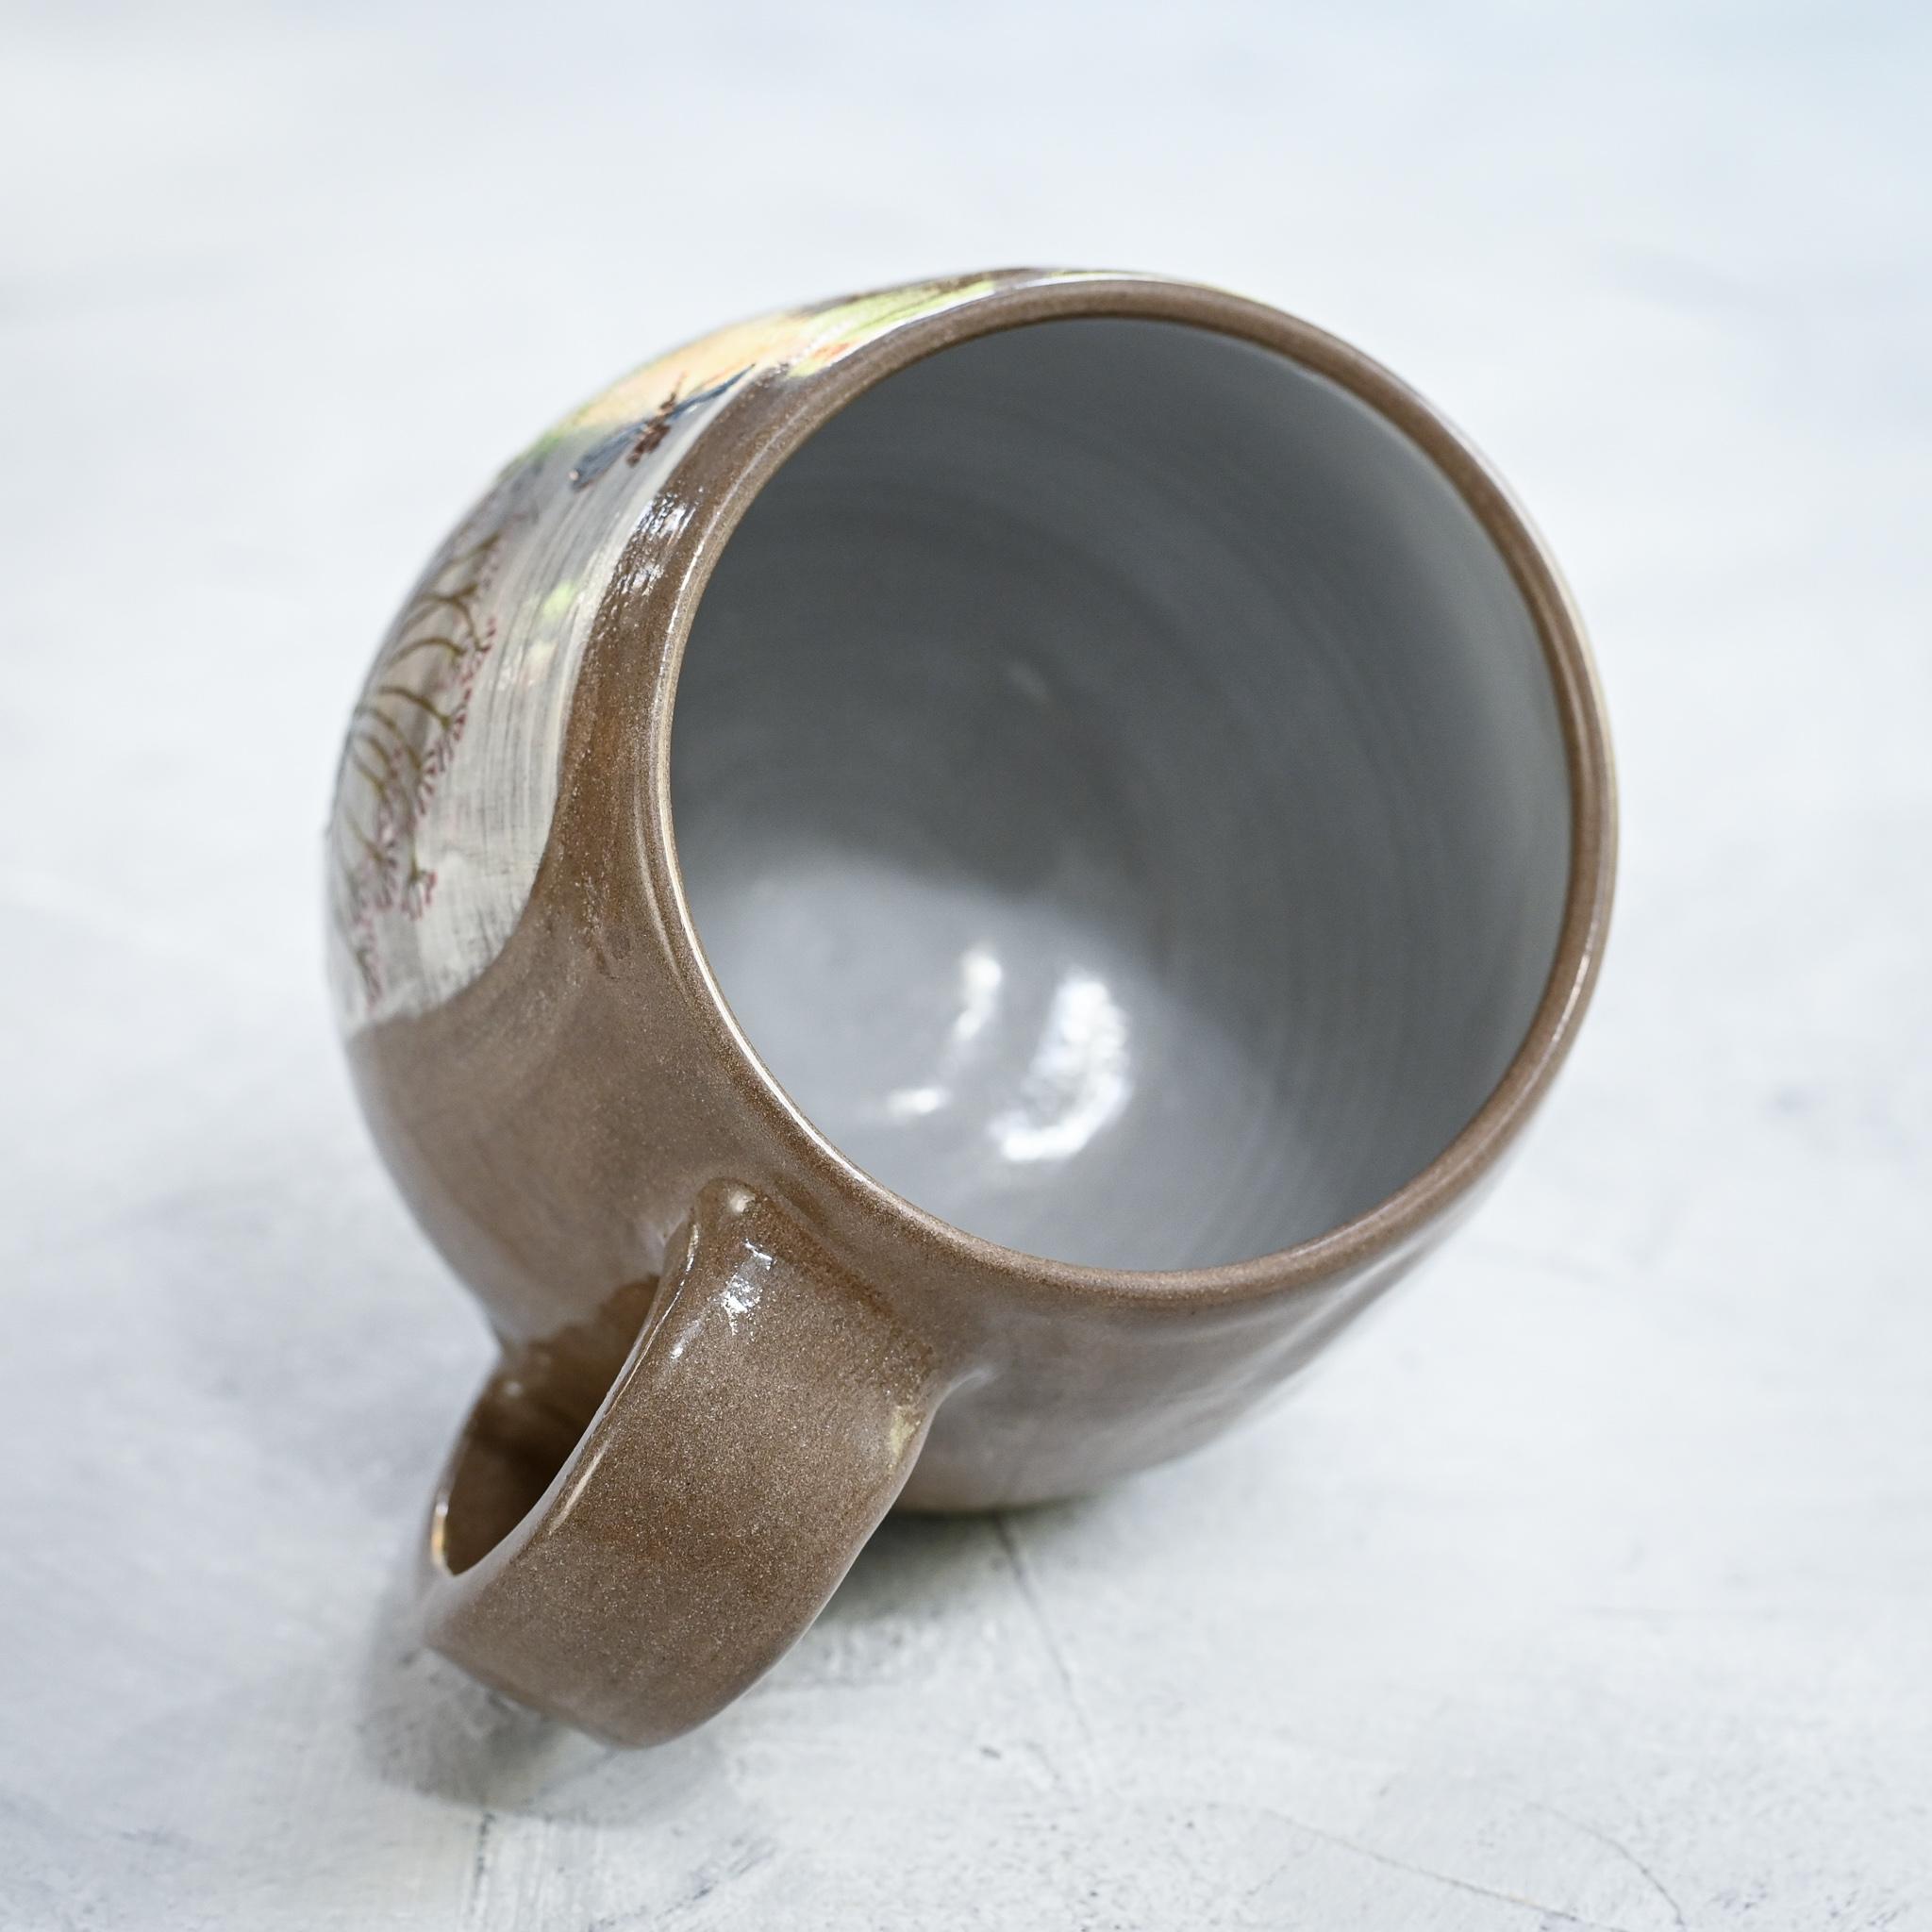 """картинка Керамическая чашка """"Летняя"""" 5 - DishWishes.Ru"""